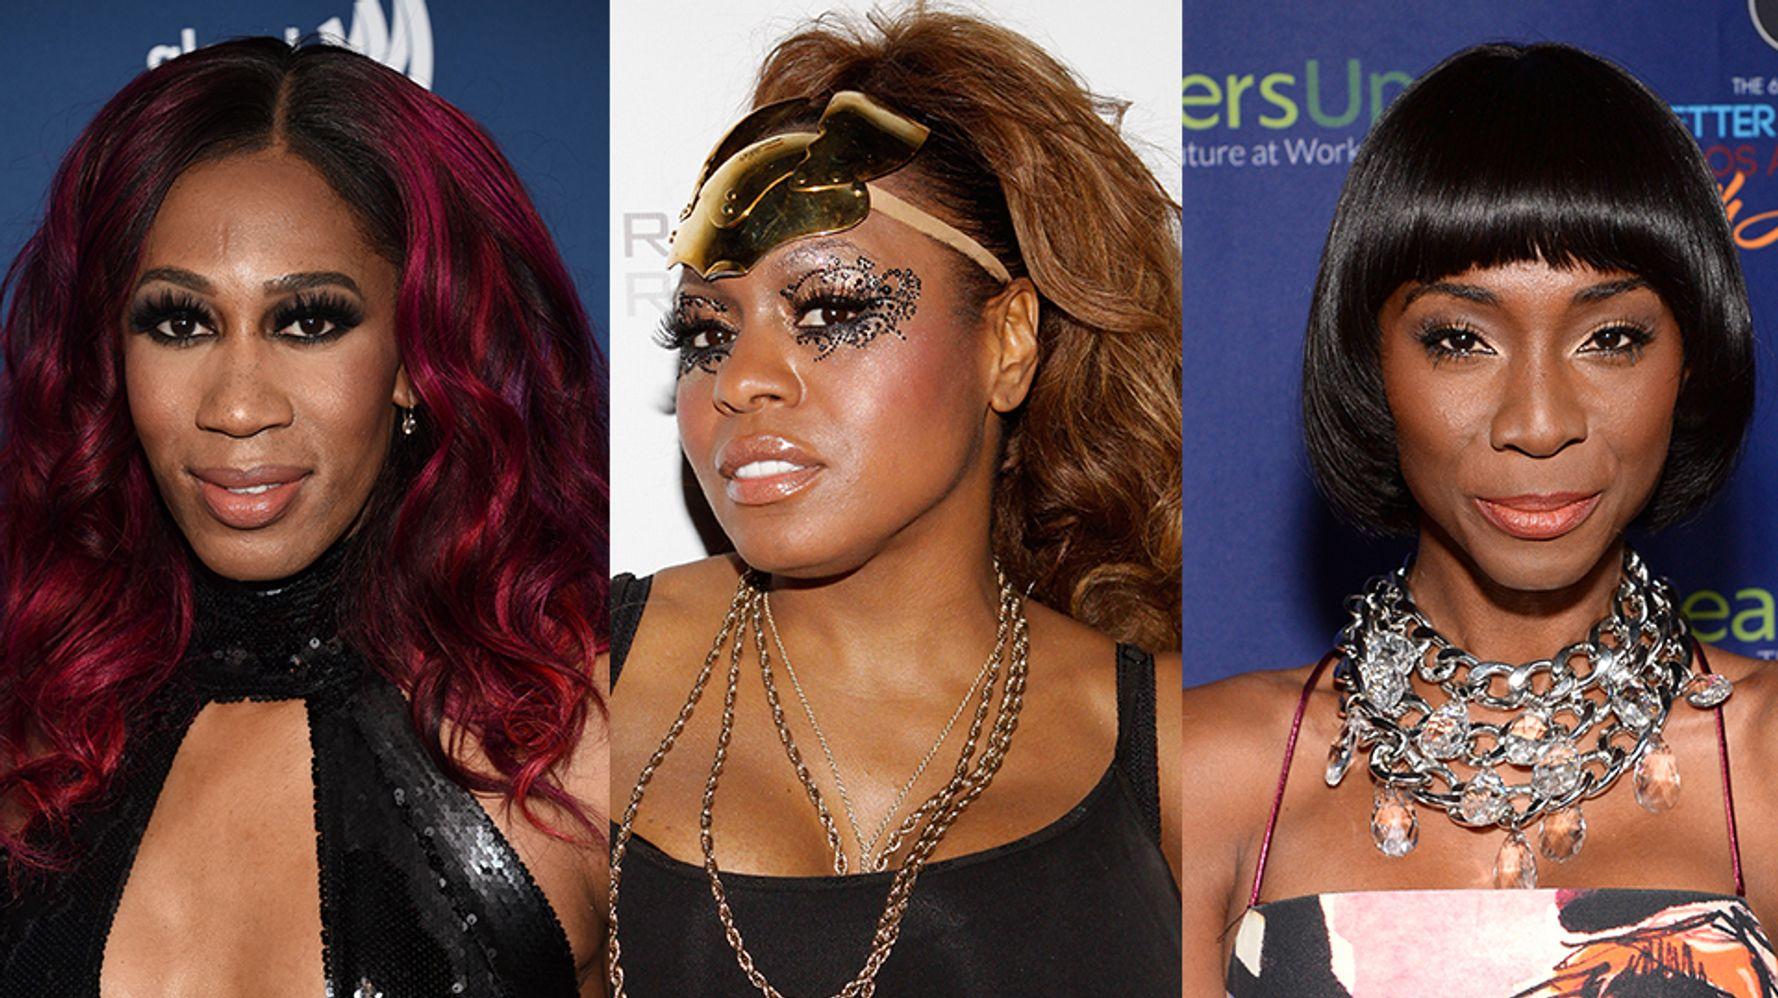 Новая песня Ultra Naté призывает к единству между черными трансгендерами и цисгендерными женщинами